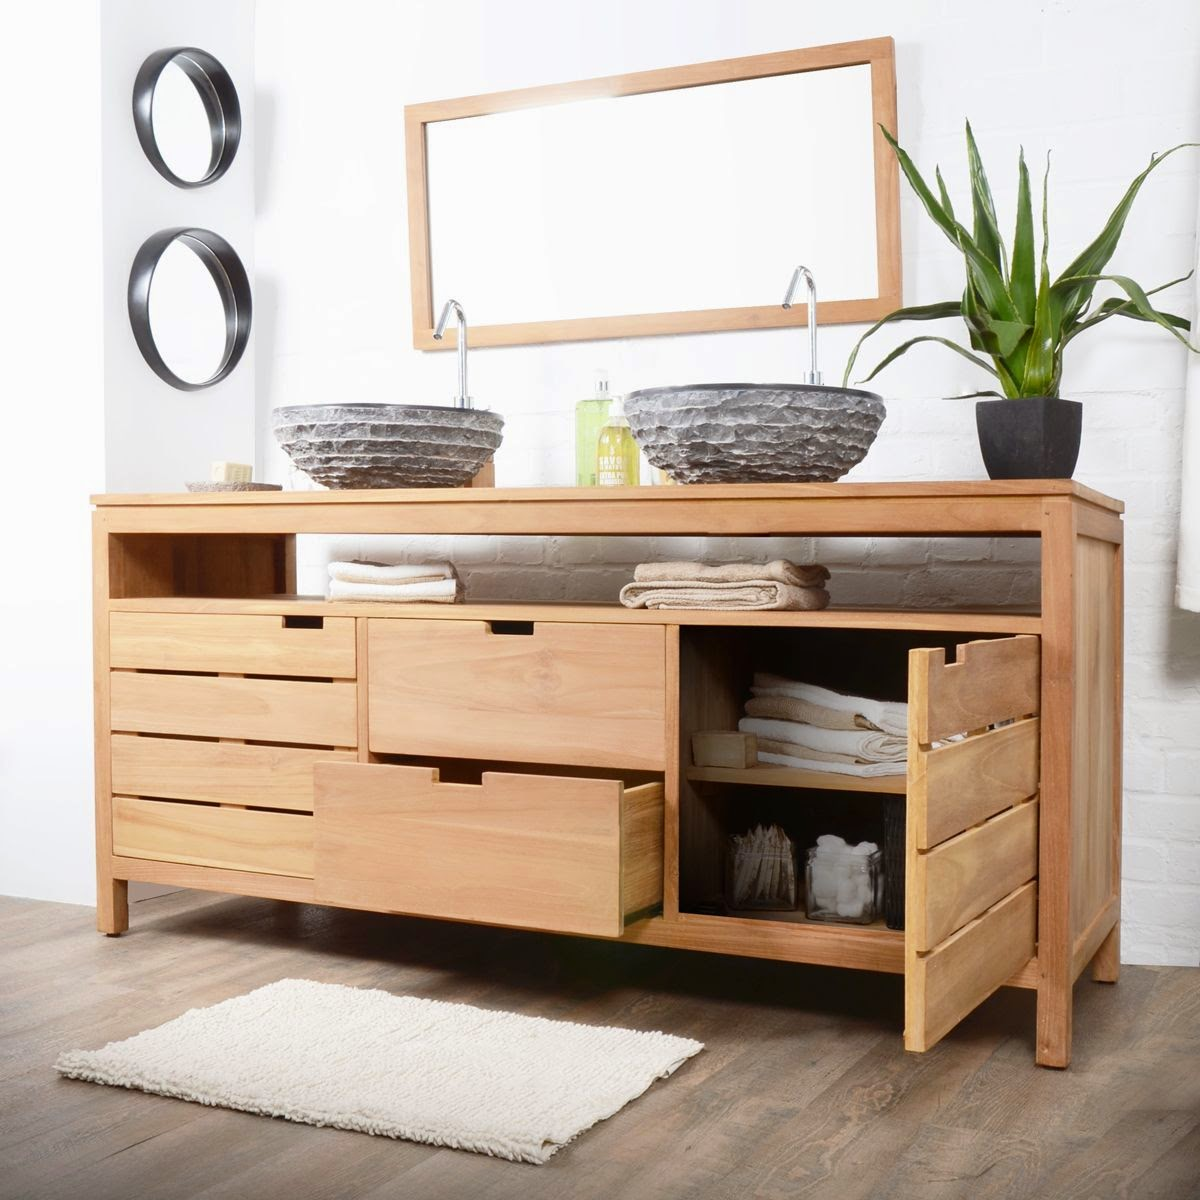 Meuble salle de bain bois 2 vasques meuble d coration maison for Meuble rangement salle de bain bois